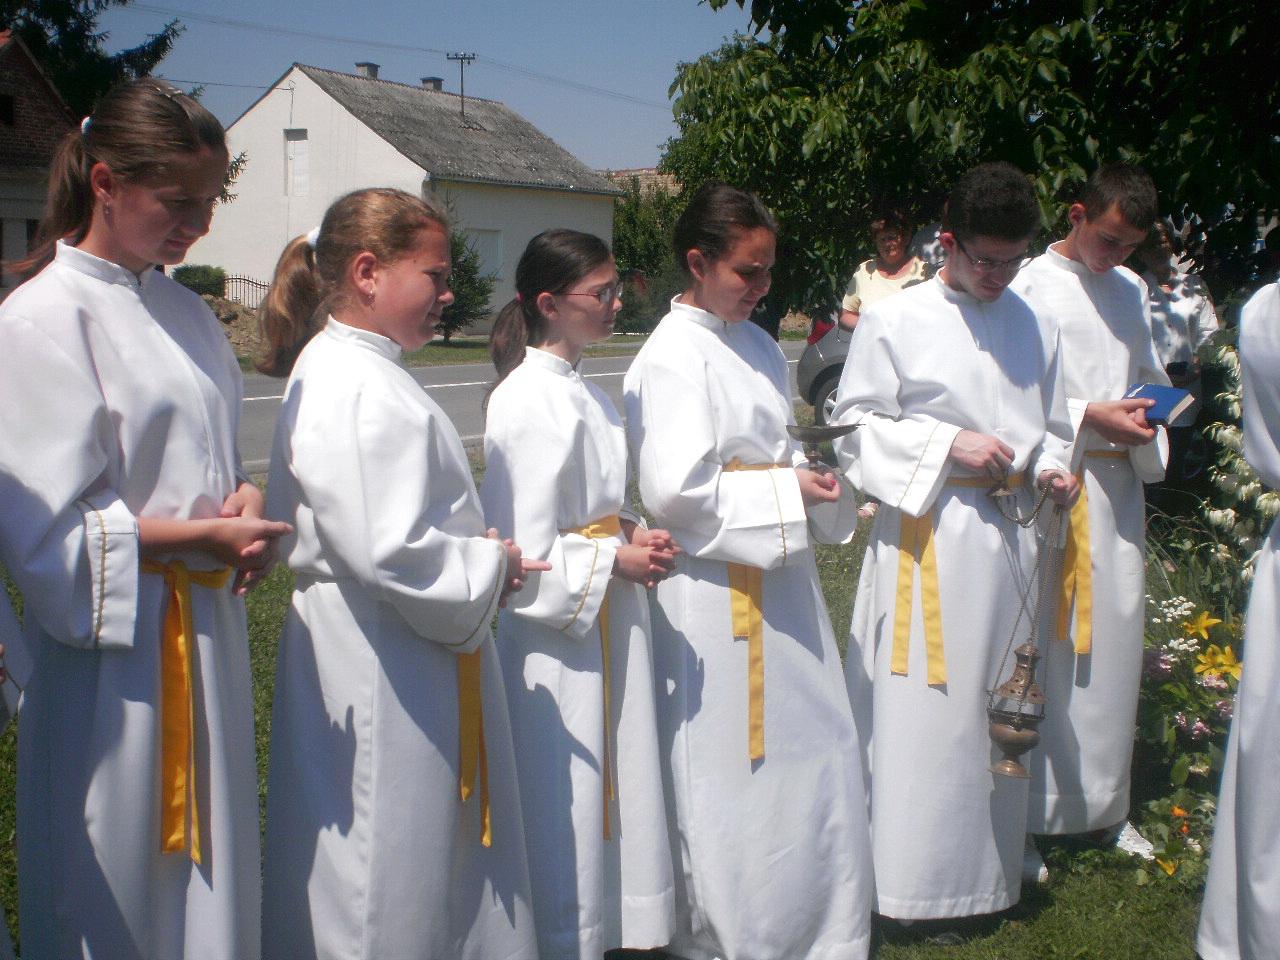 Ministranti u Markovcu Našičkom - Tijelovo 2014 (slika 3) - 19.6.2014.